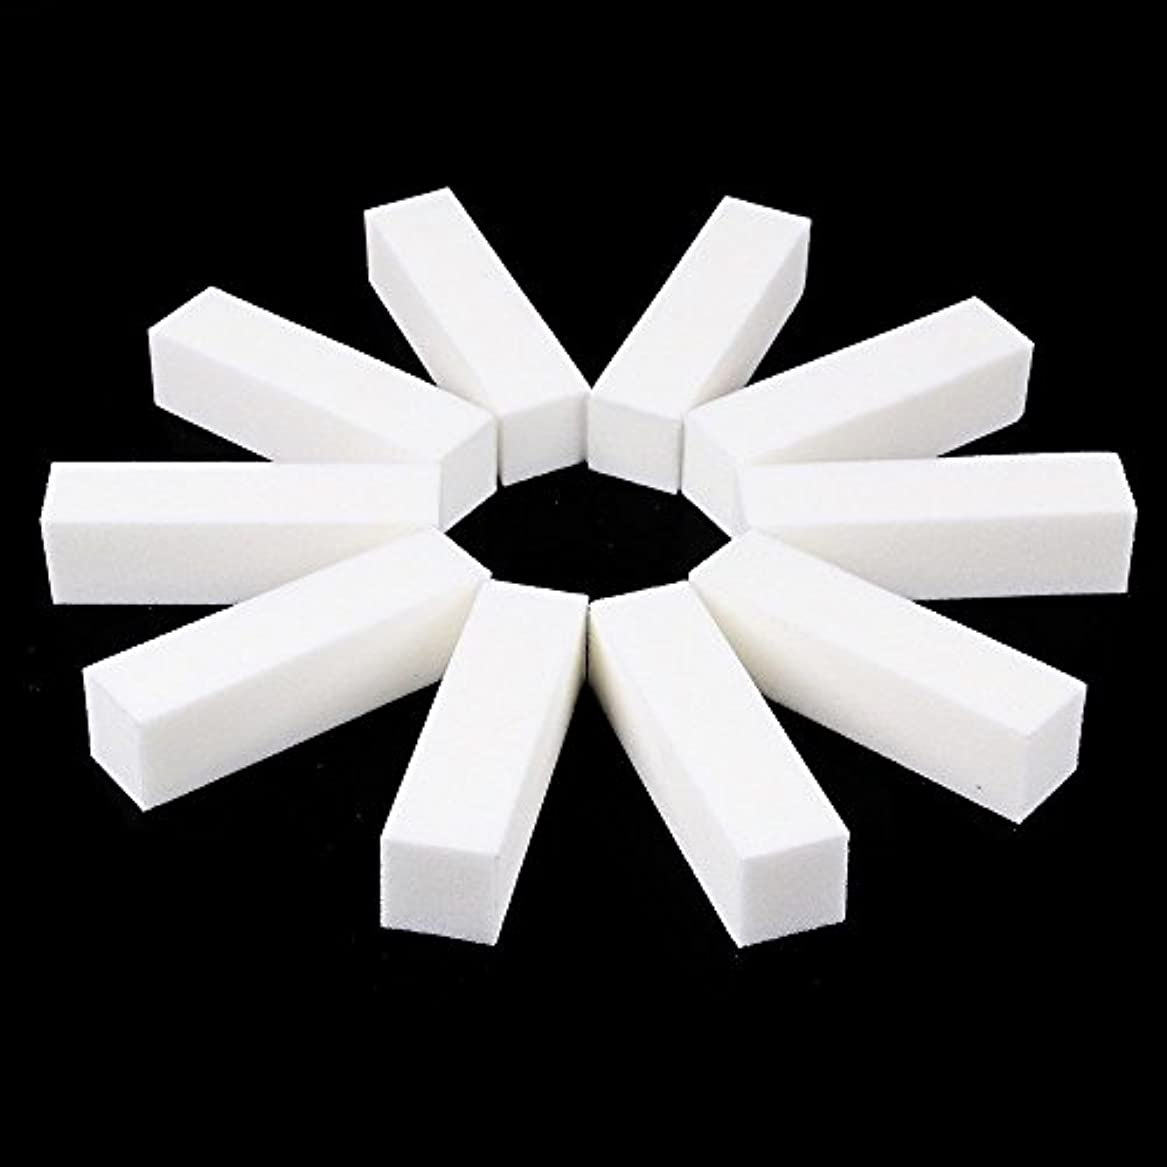 擬人化遠え常習者ネイルファイル サンディングブロック マニキュアツール バッファ ホワイト 4ウェイ 12個セット